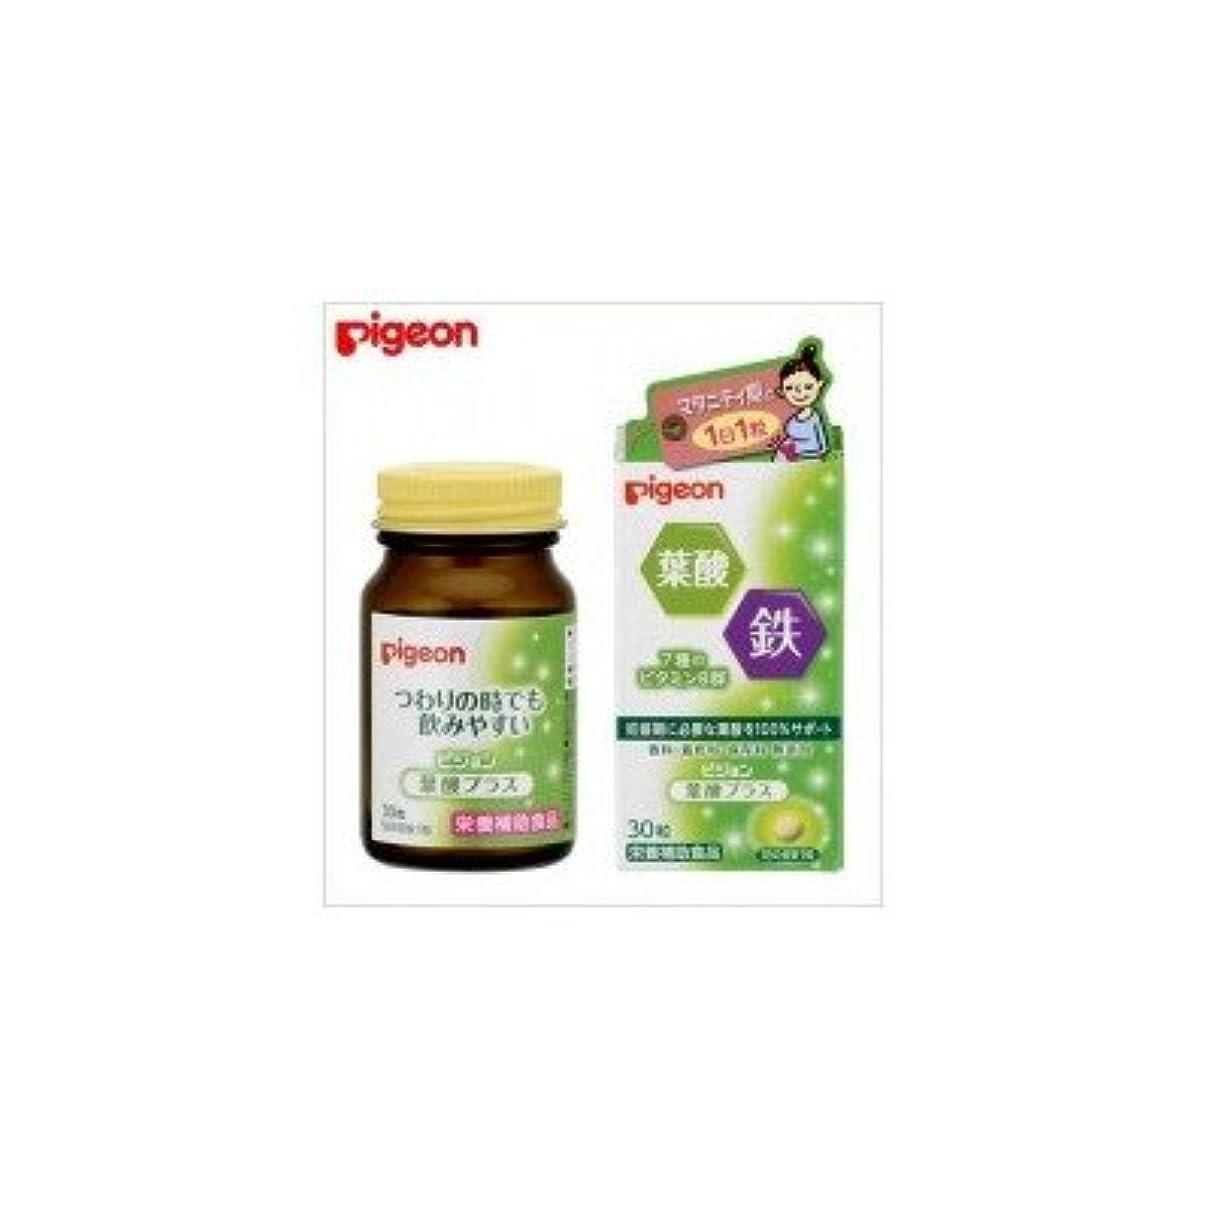 会計記述する排除Pigeon(ピジョン) サプリメント 栄養補助食品 葉酸プラス 30粒(錠剤) 20390